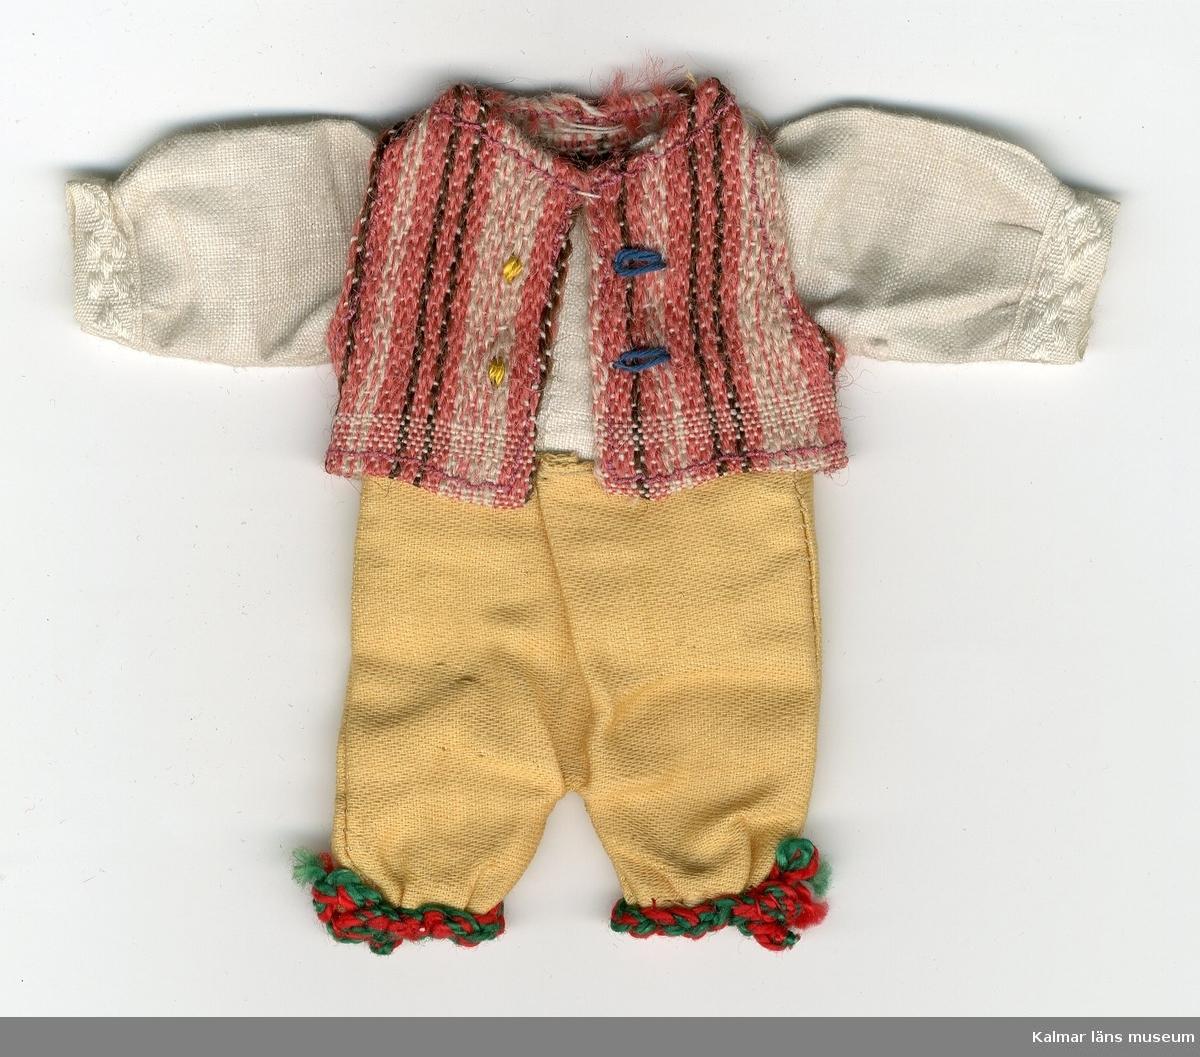 KLM 28082:25. Dockdräkt, herr, av textil, bomull, ylle och linne. Dräkten består av byxa, väst och skjorta. Nationaldräkt från: Östra Härad, Jönköping, Småland.